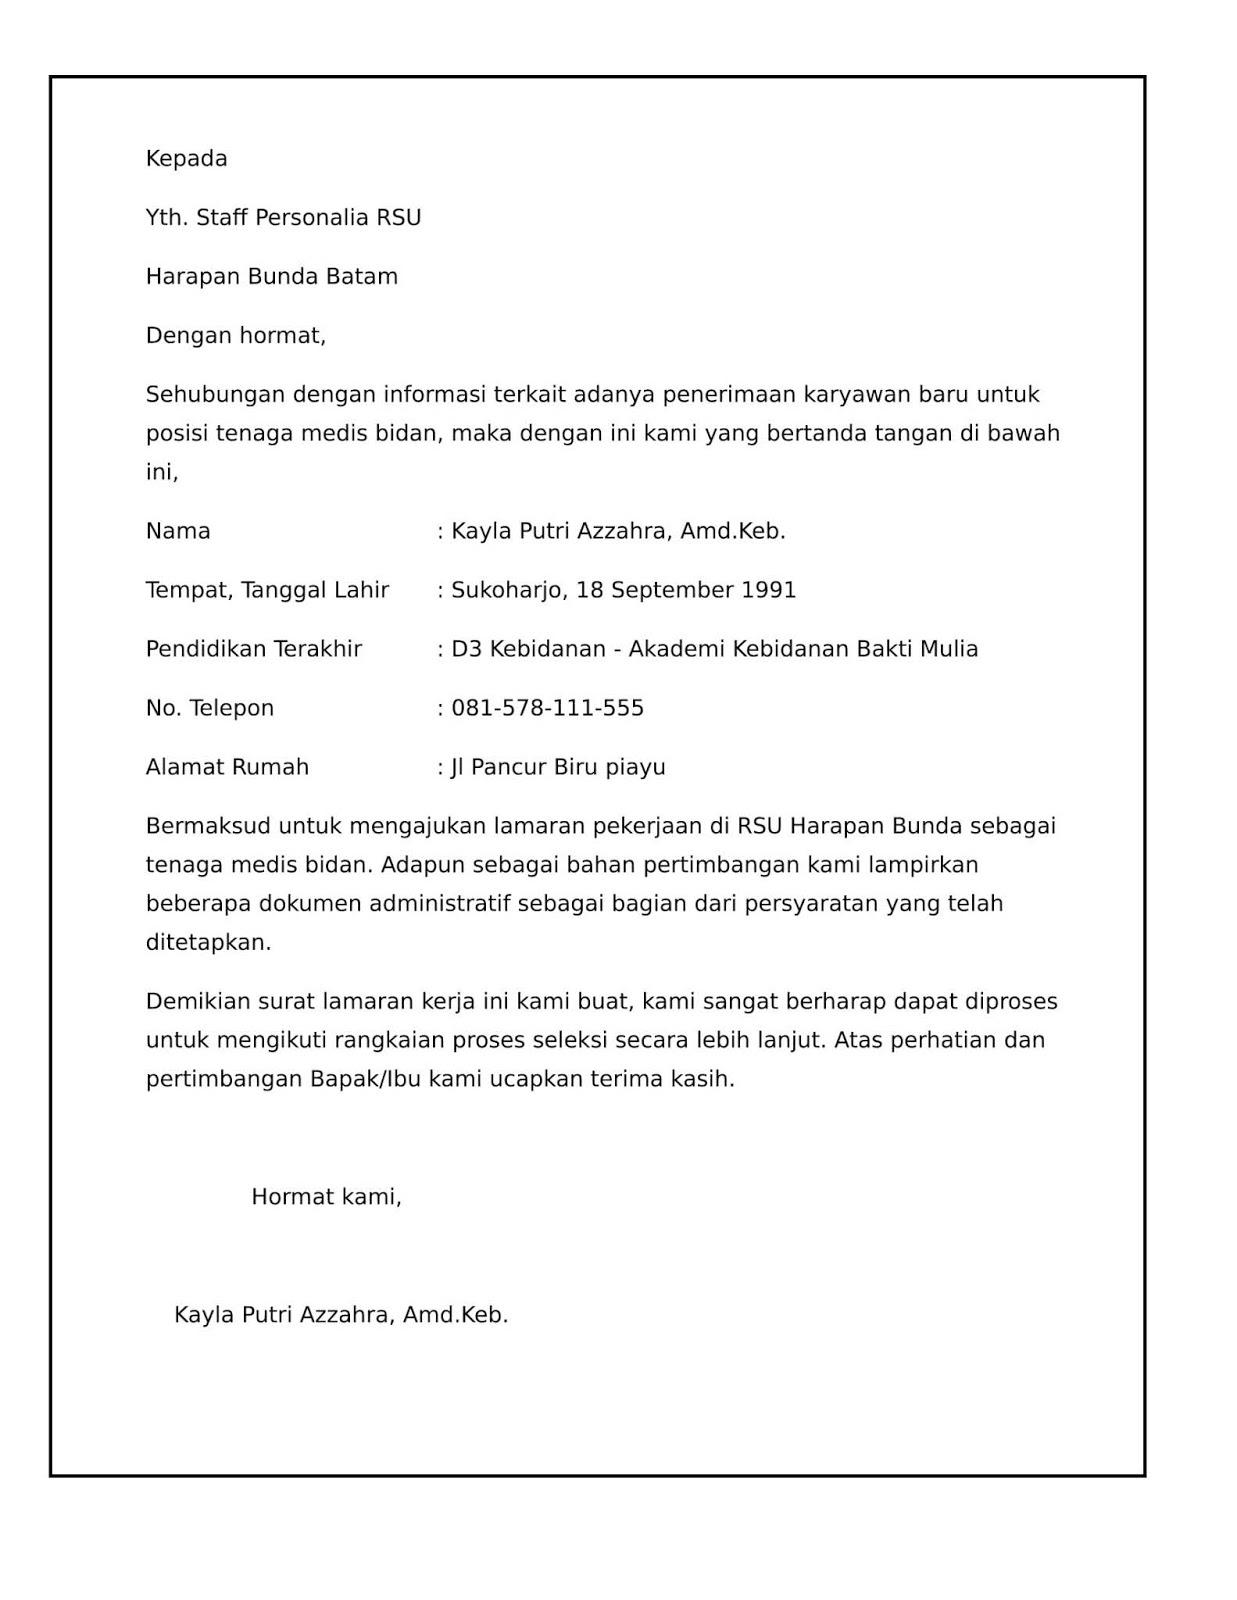 Contoh surat lamaran kerja di Rumah Sakit sebagai bidan